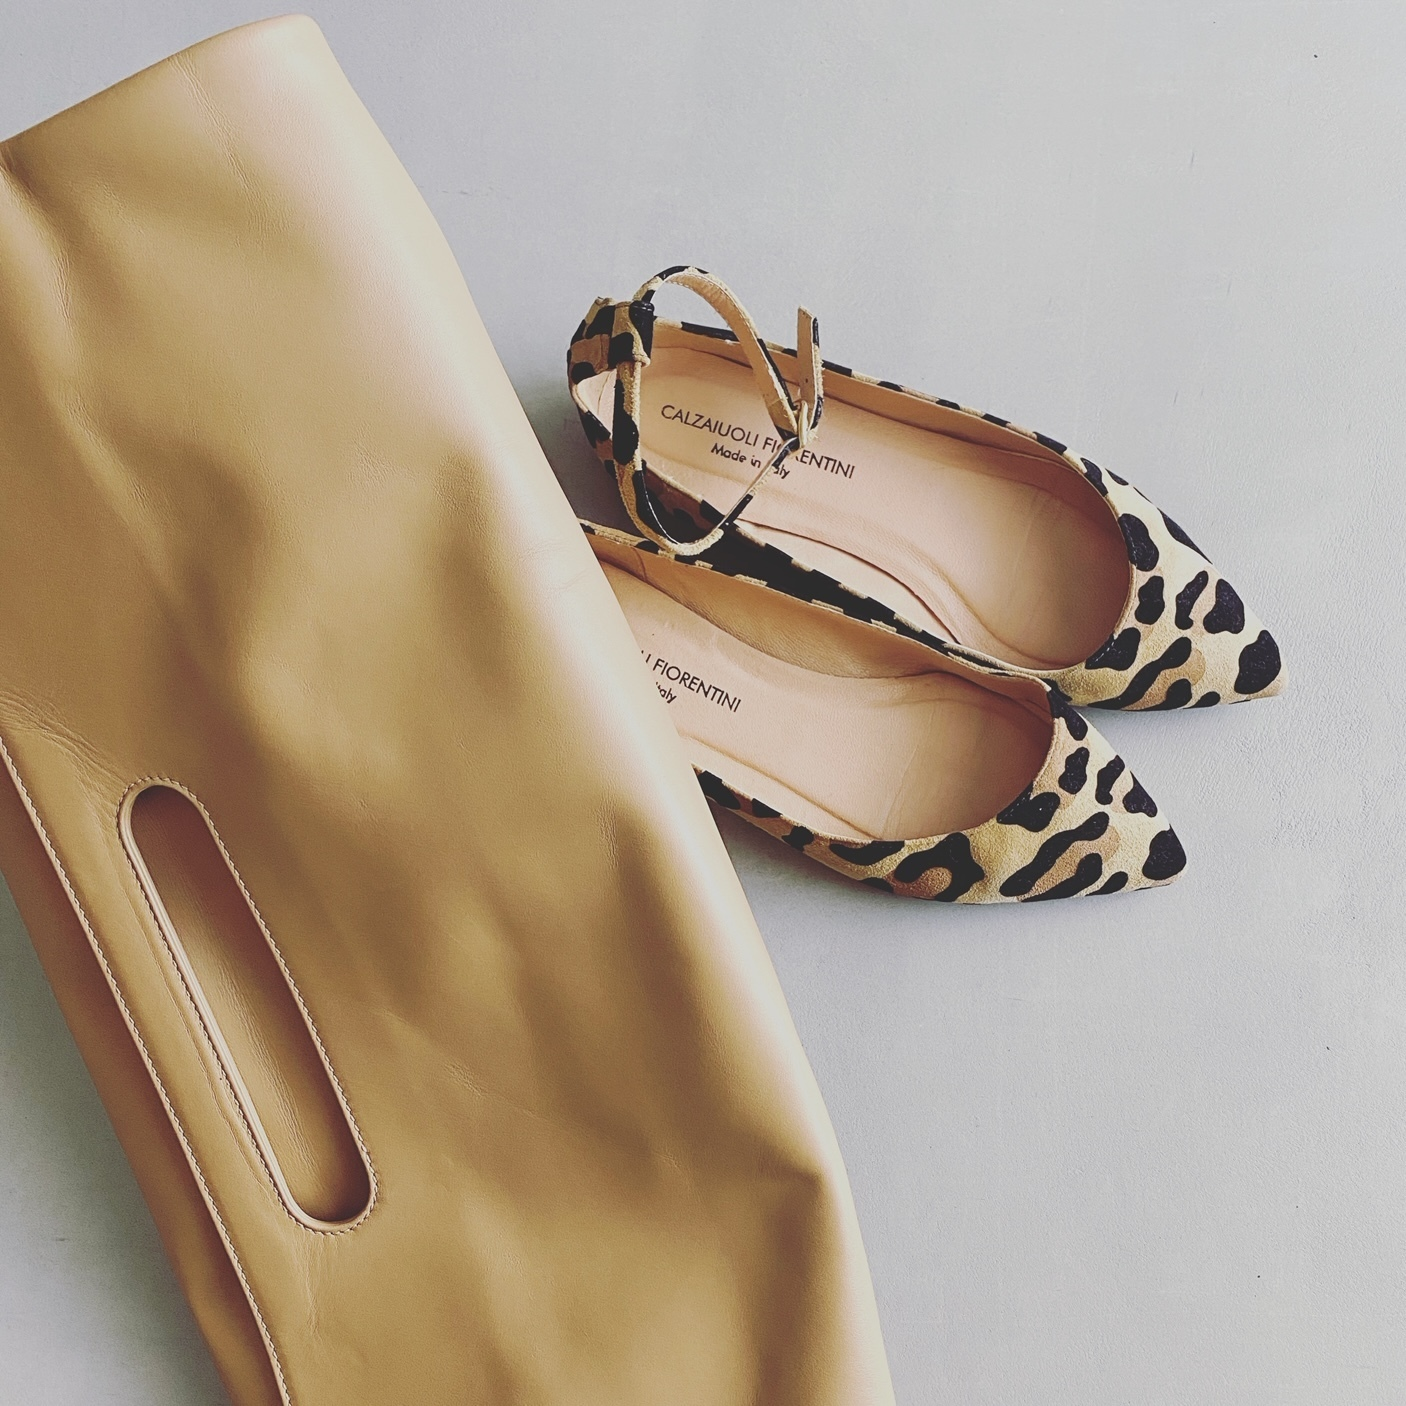 【2020年秋の小物トレンド】コーデの鮮度をUPする靴とバッグ、顔周りに華を添えるアクセを総まとめ!_1_11